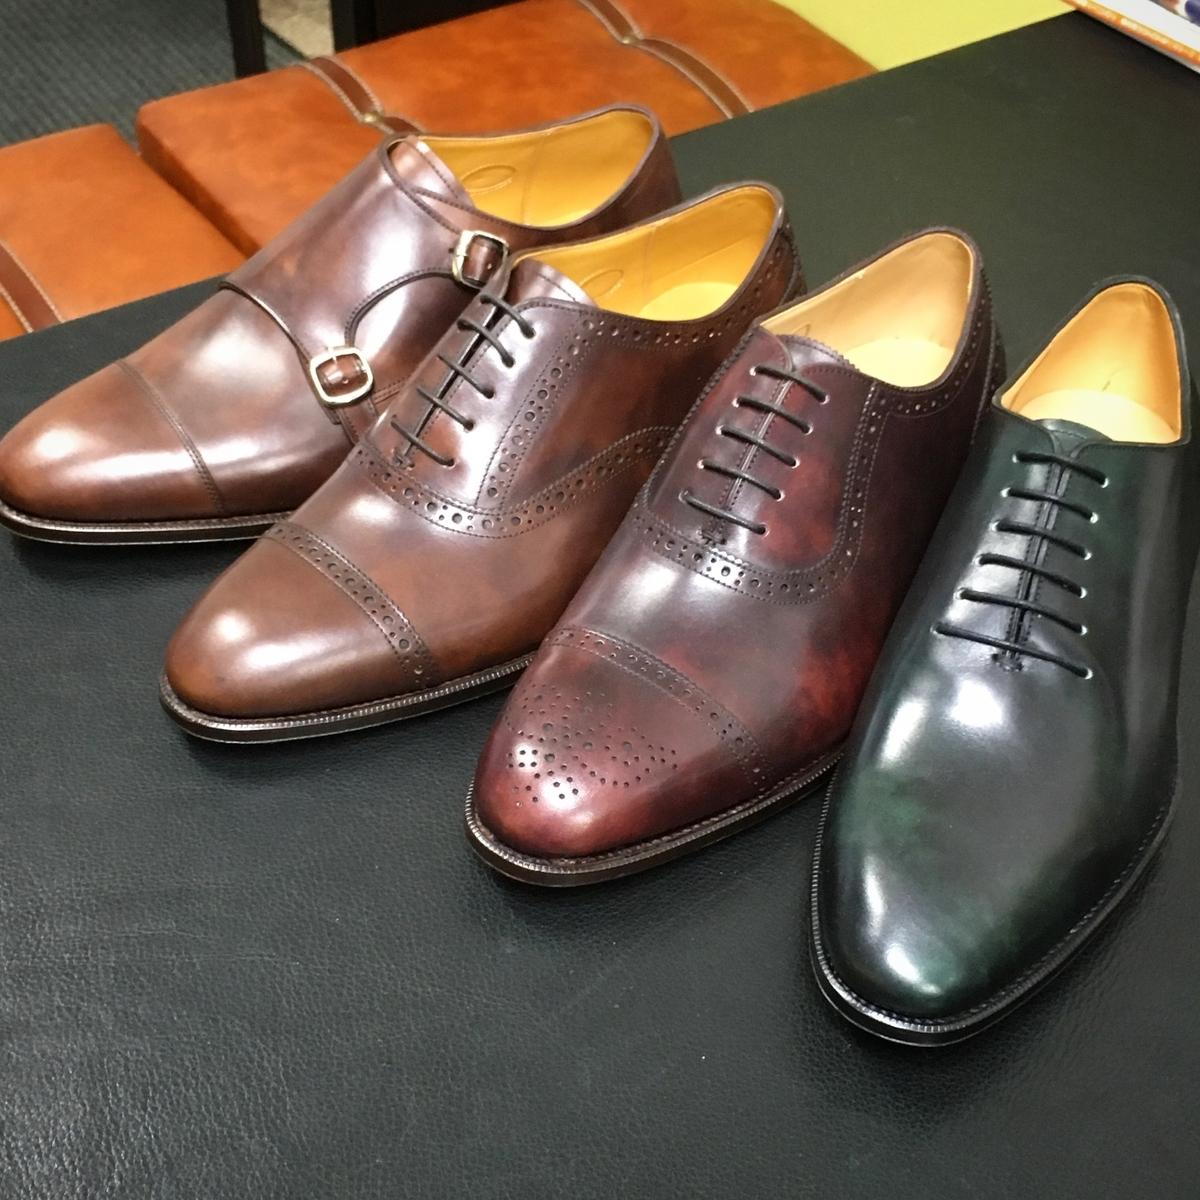 f:id:raymar-shoes:20190510194416j:plain